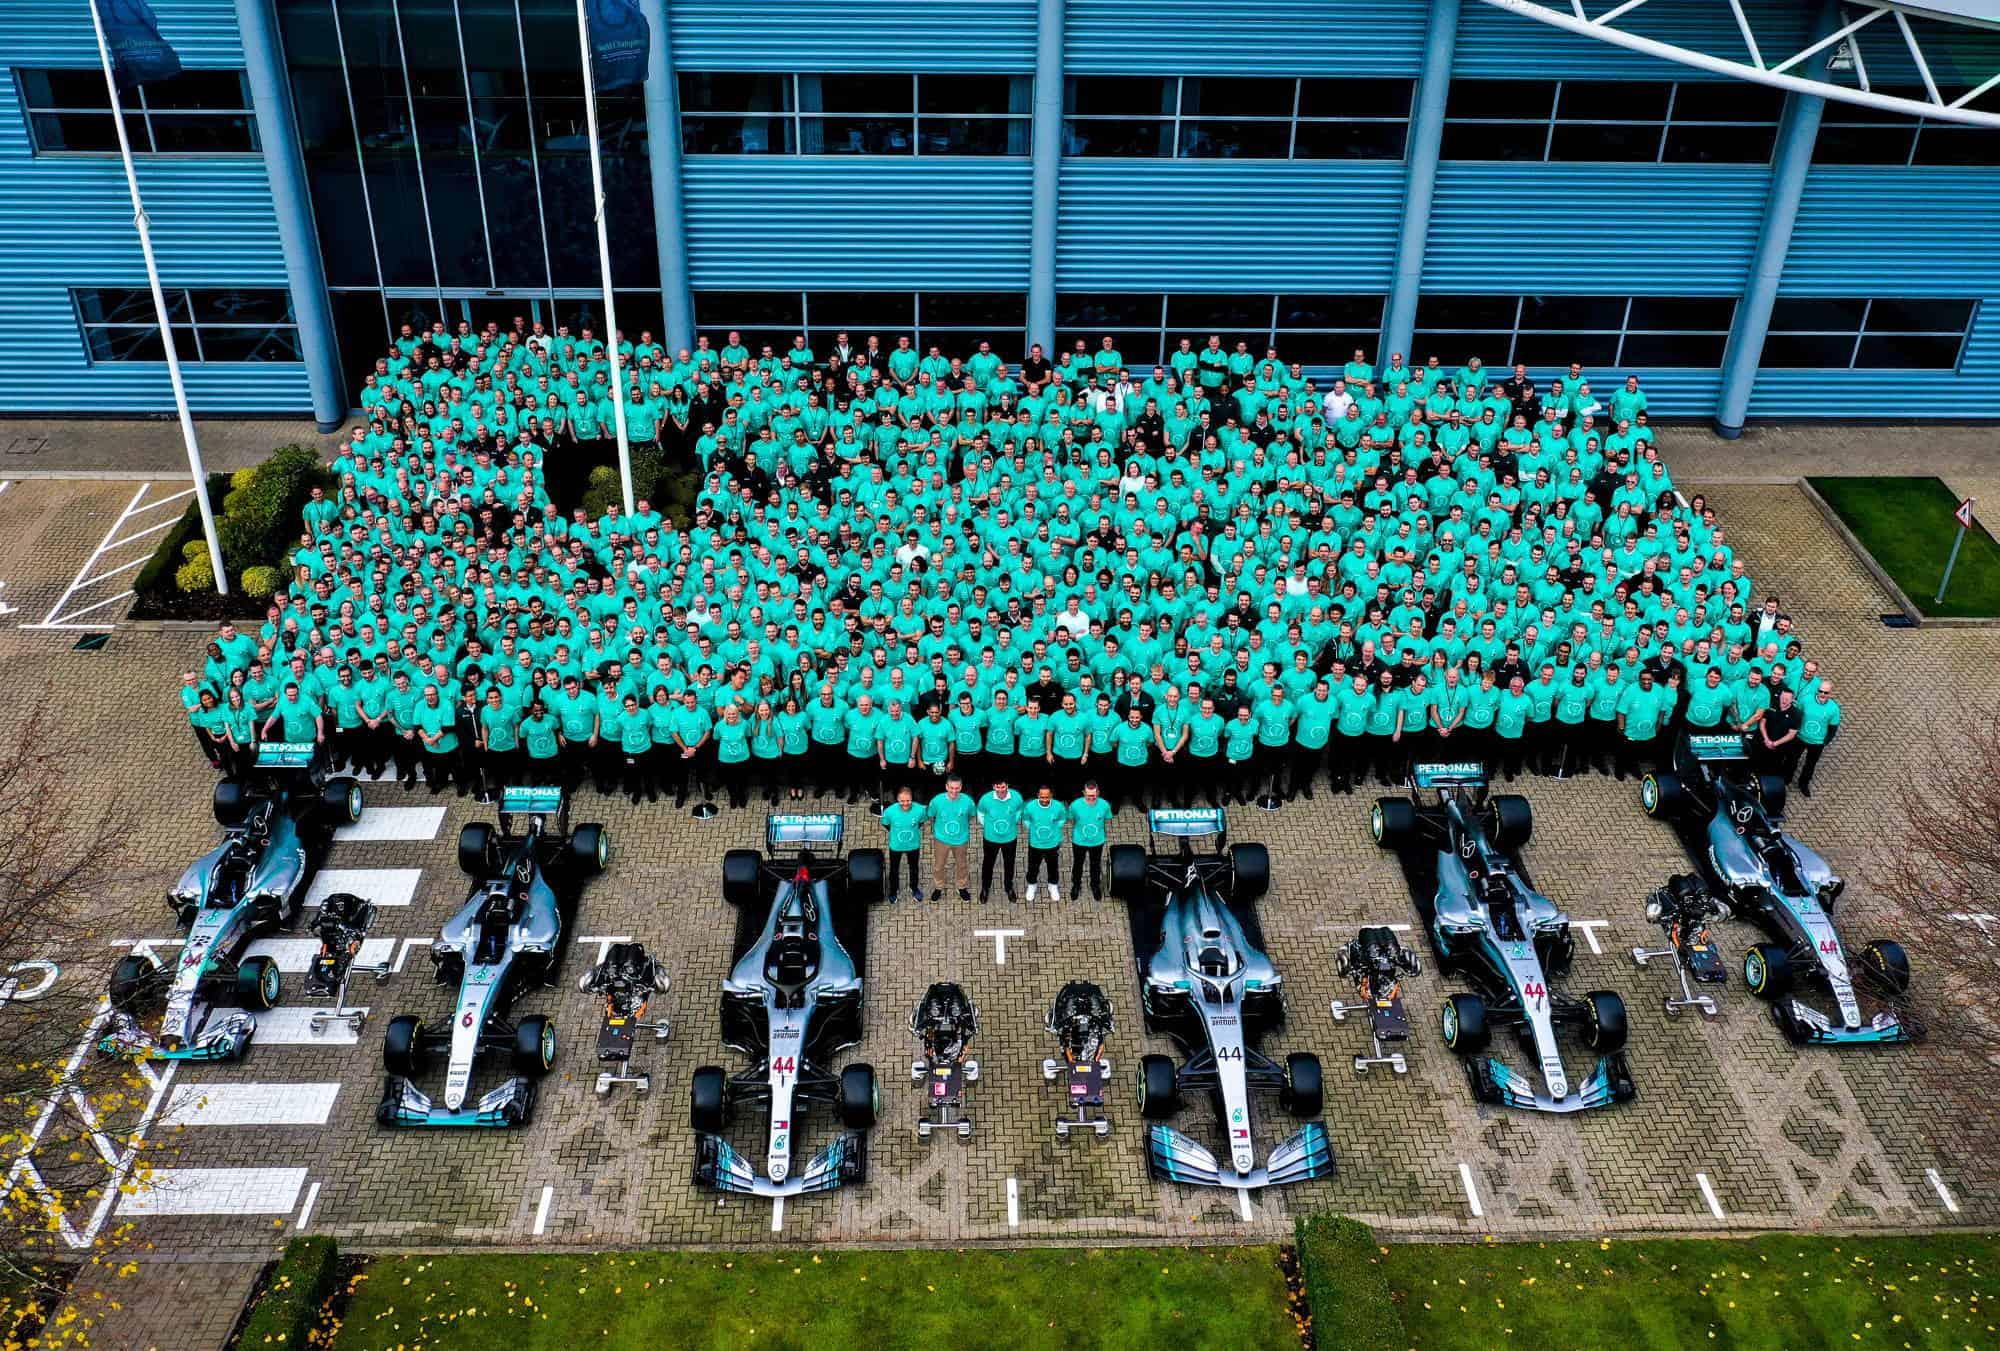 Mercedes-AMG-Petronas-Sixth-championship-double-celebration-Photo-Daimler